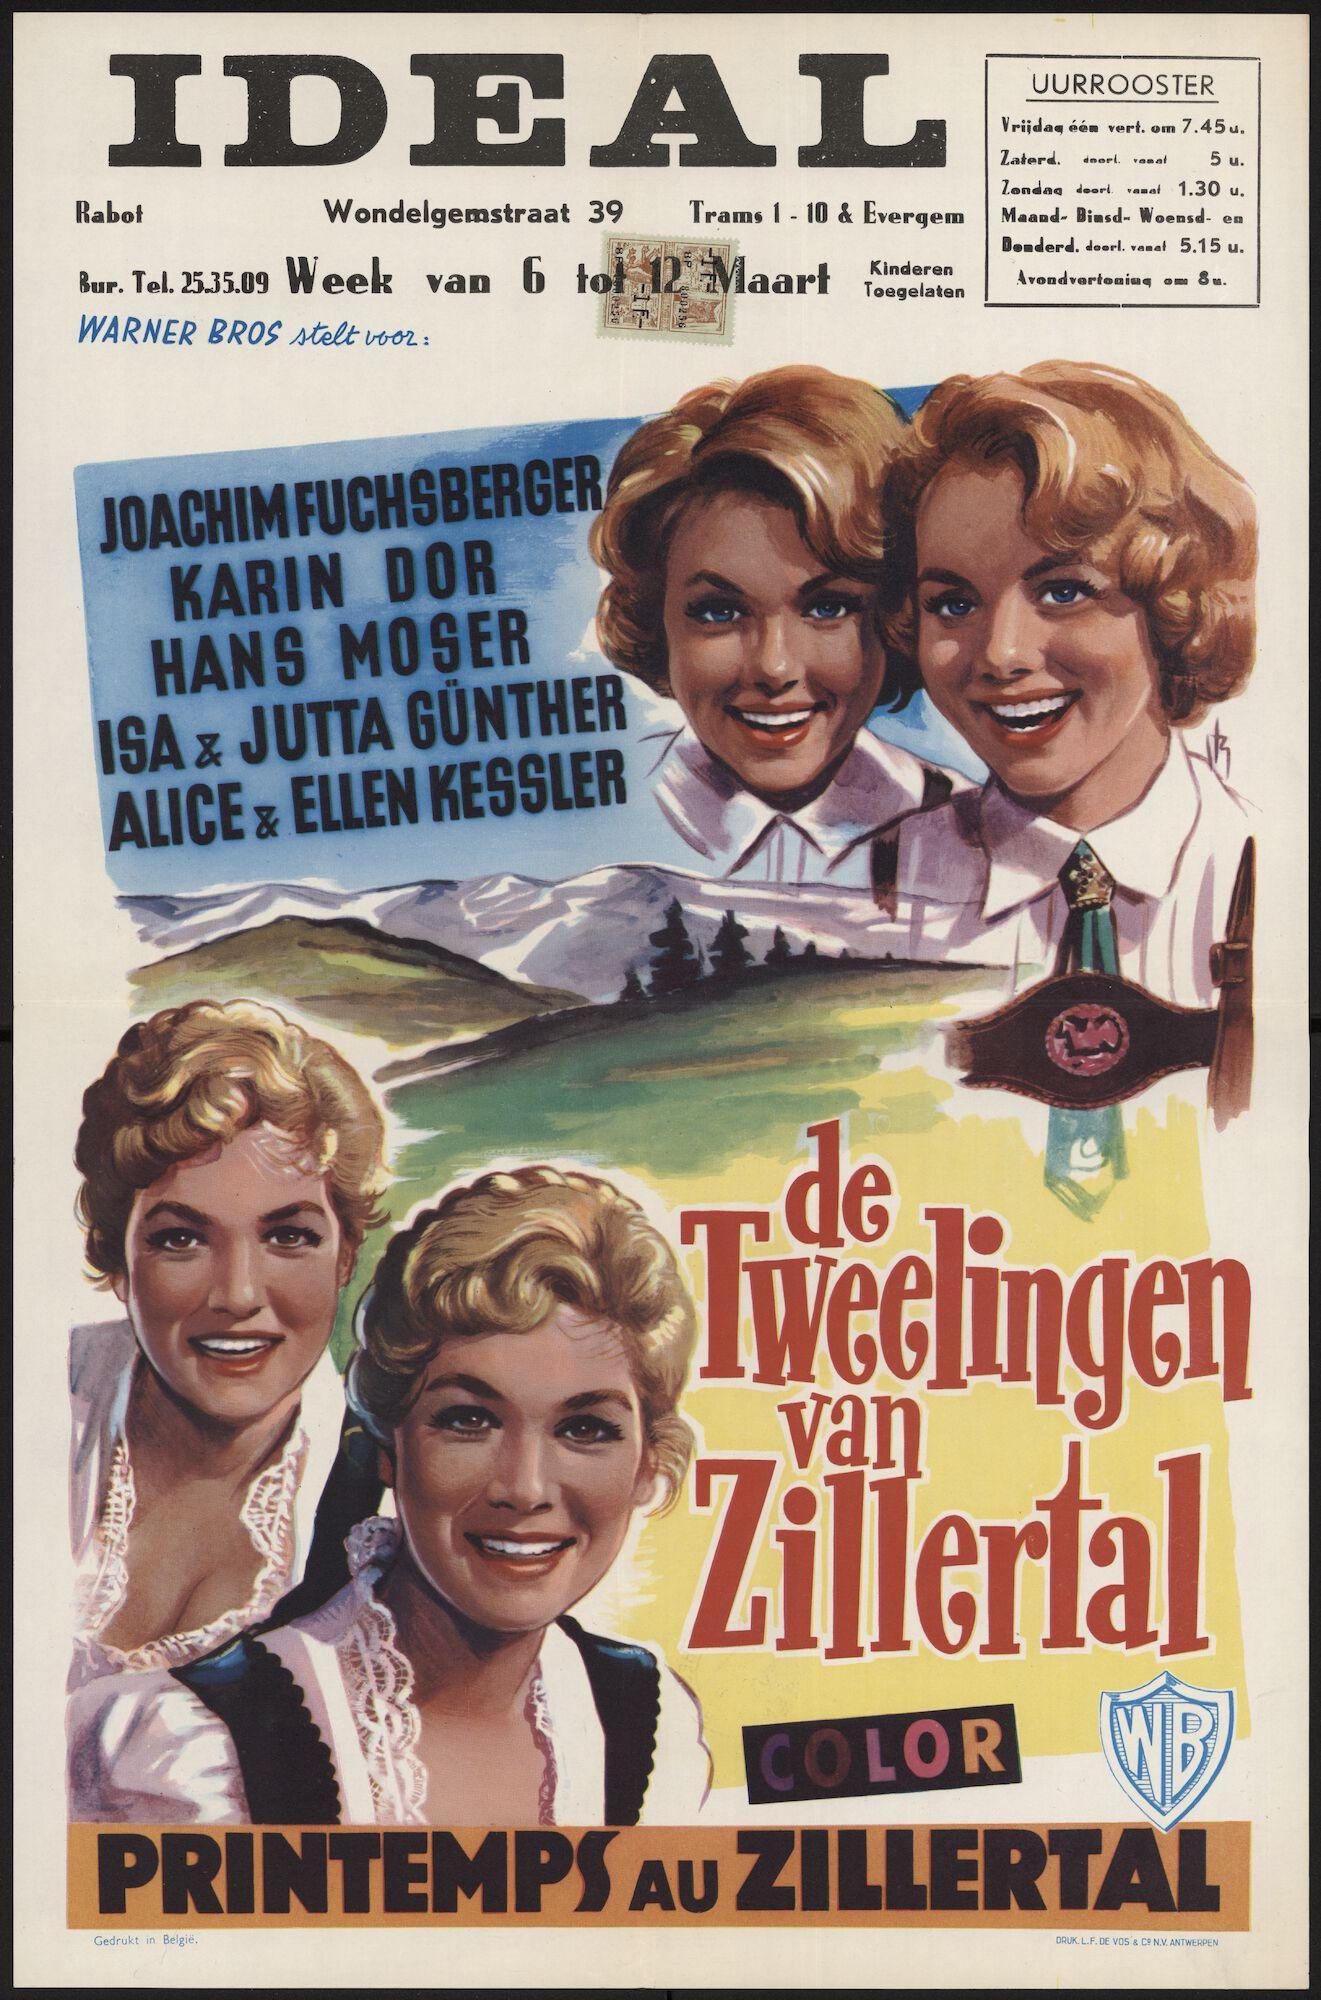 Printemps au Zillertal | De tweelingen van Zillertal, Ideal, Gent,